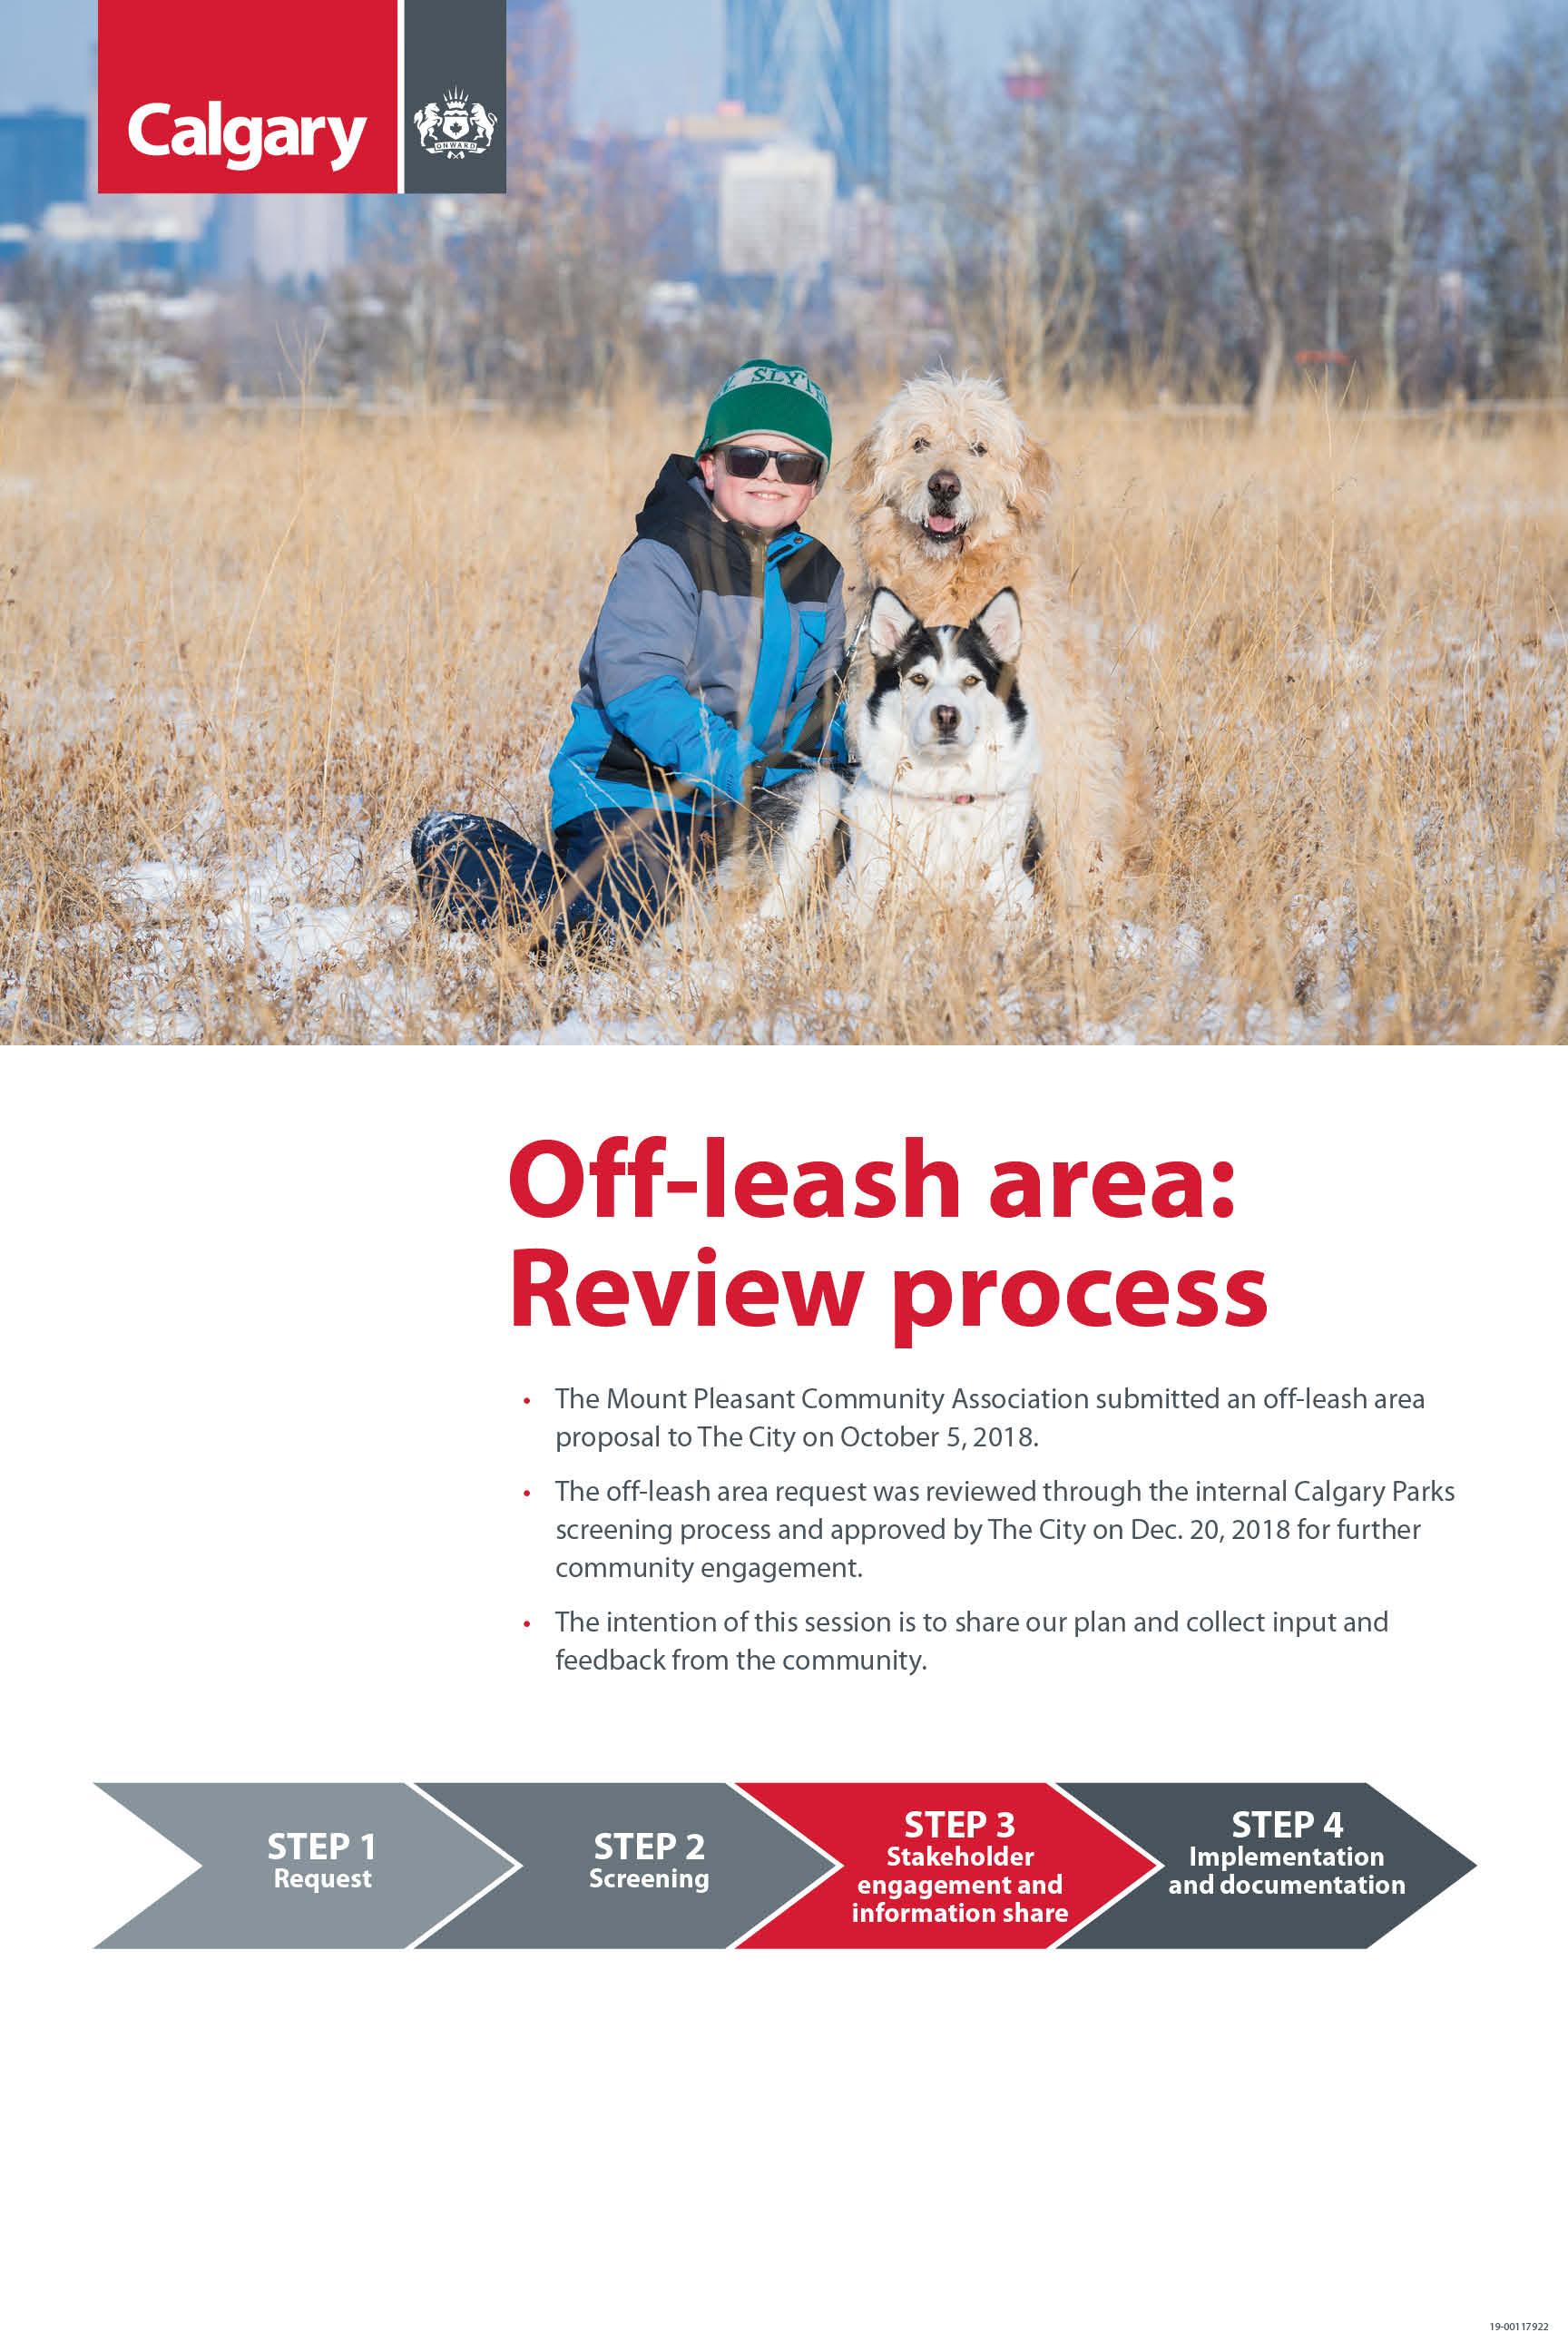 Off leash area process